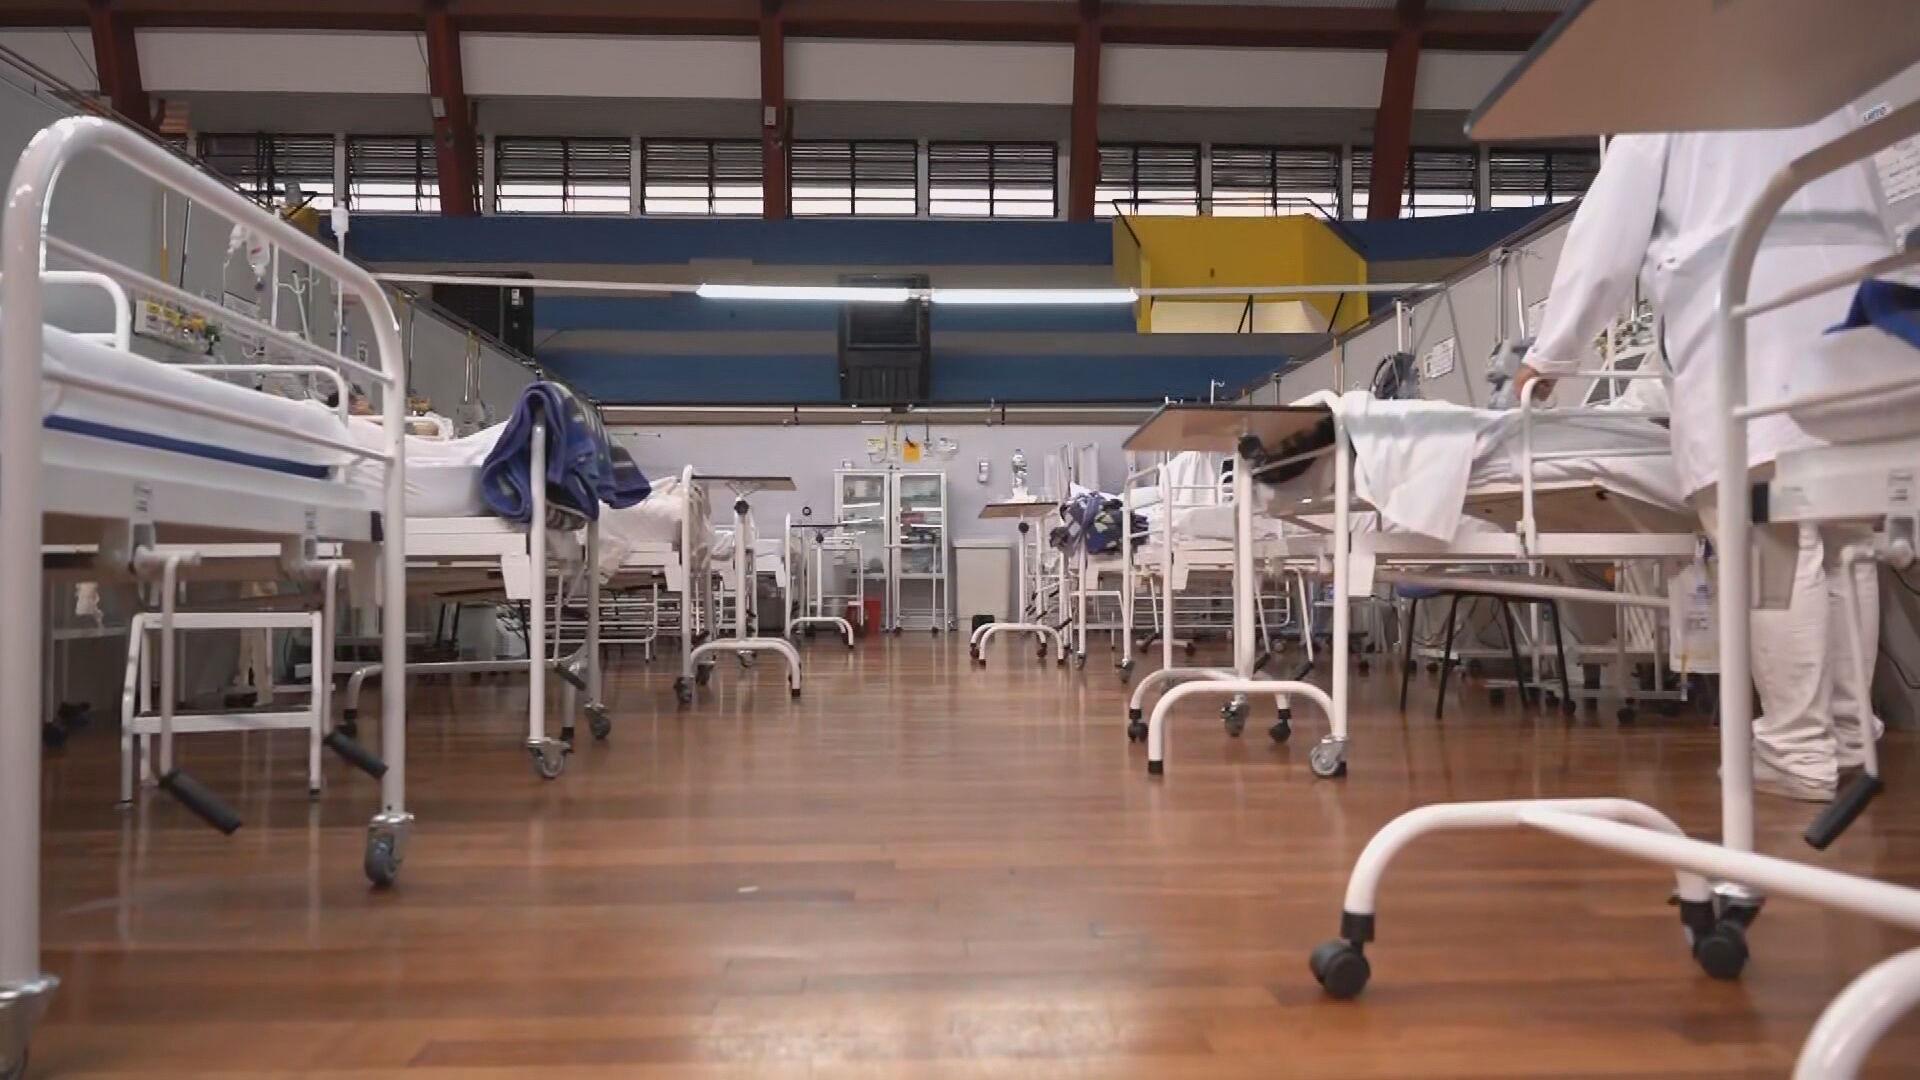 Alta lotação em hospitais acende alerta na região metropolitana de SP